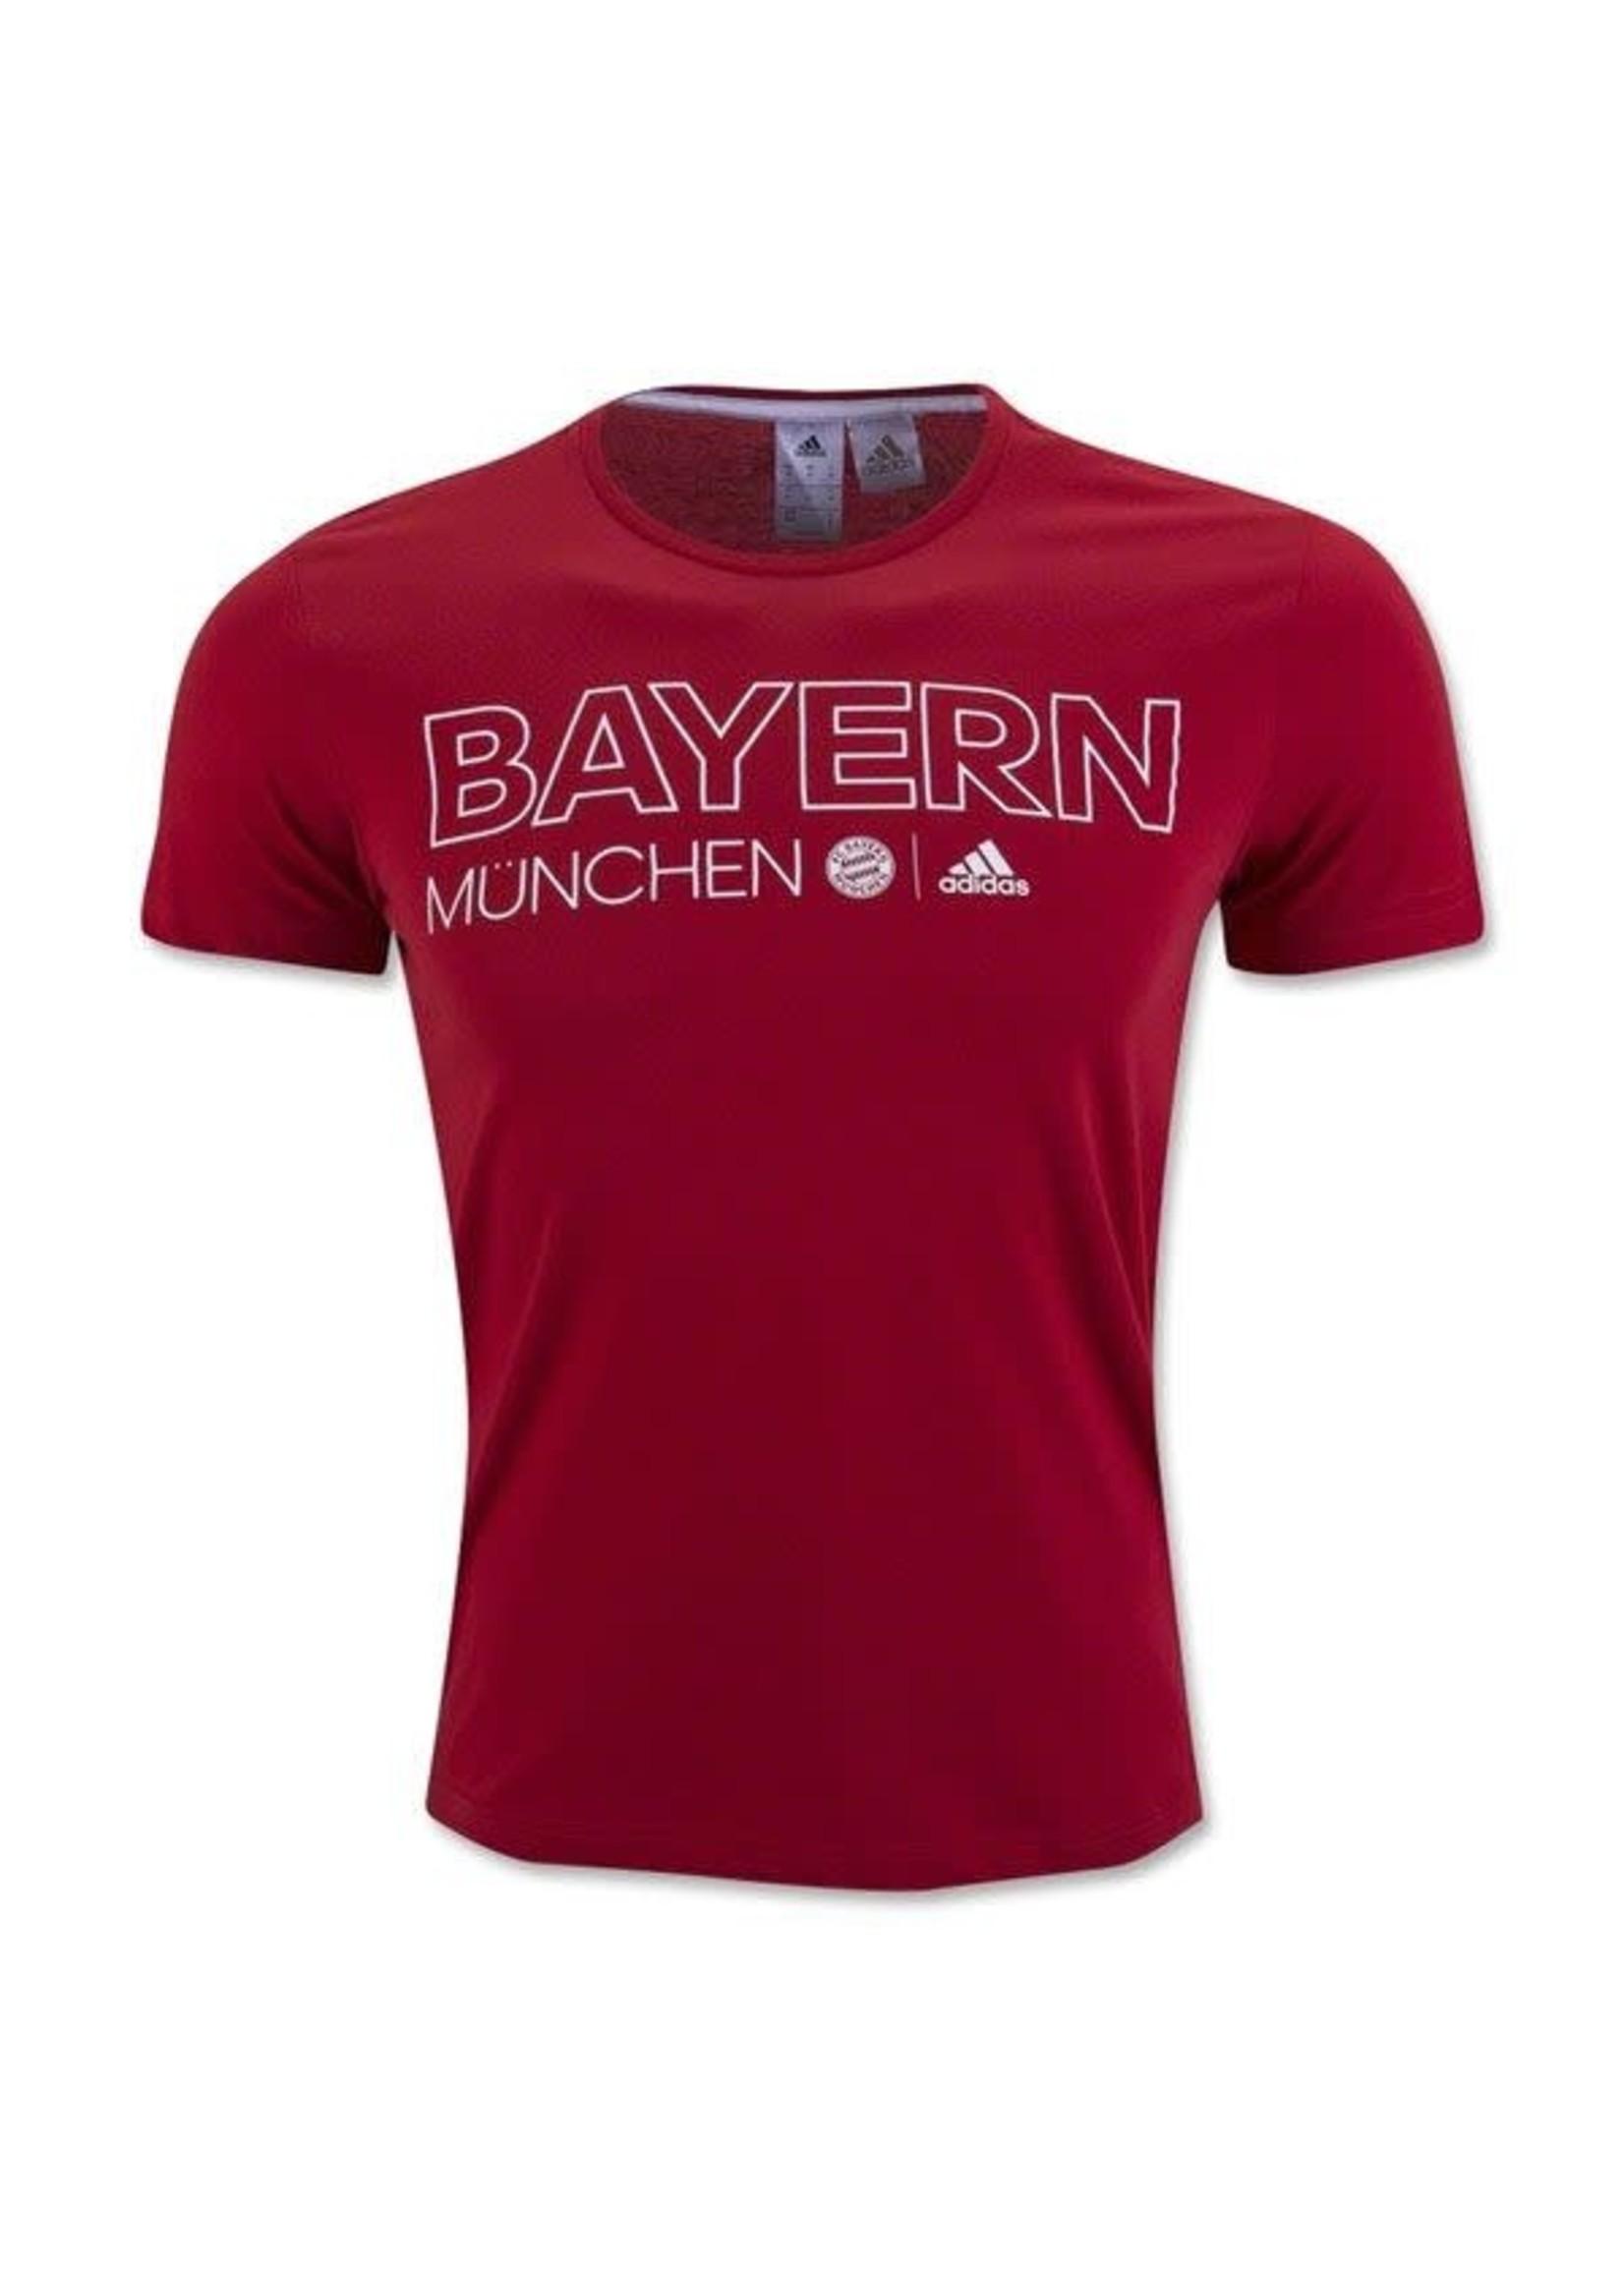 Adidas Bayern Munich T-Shirt - Red